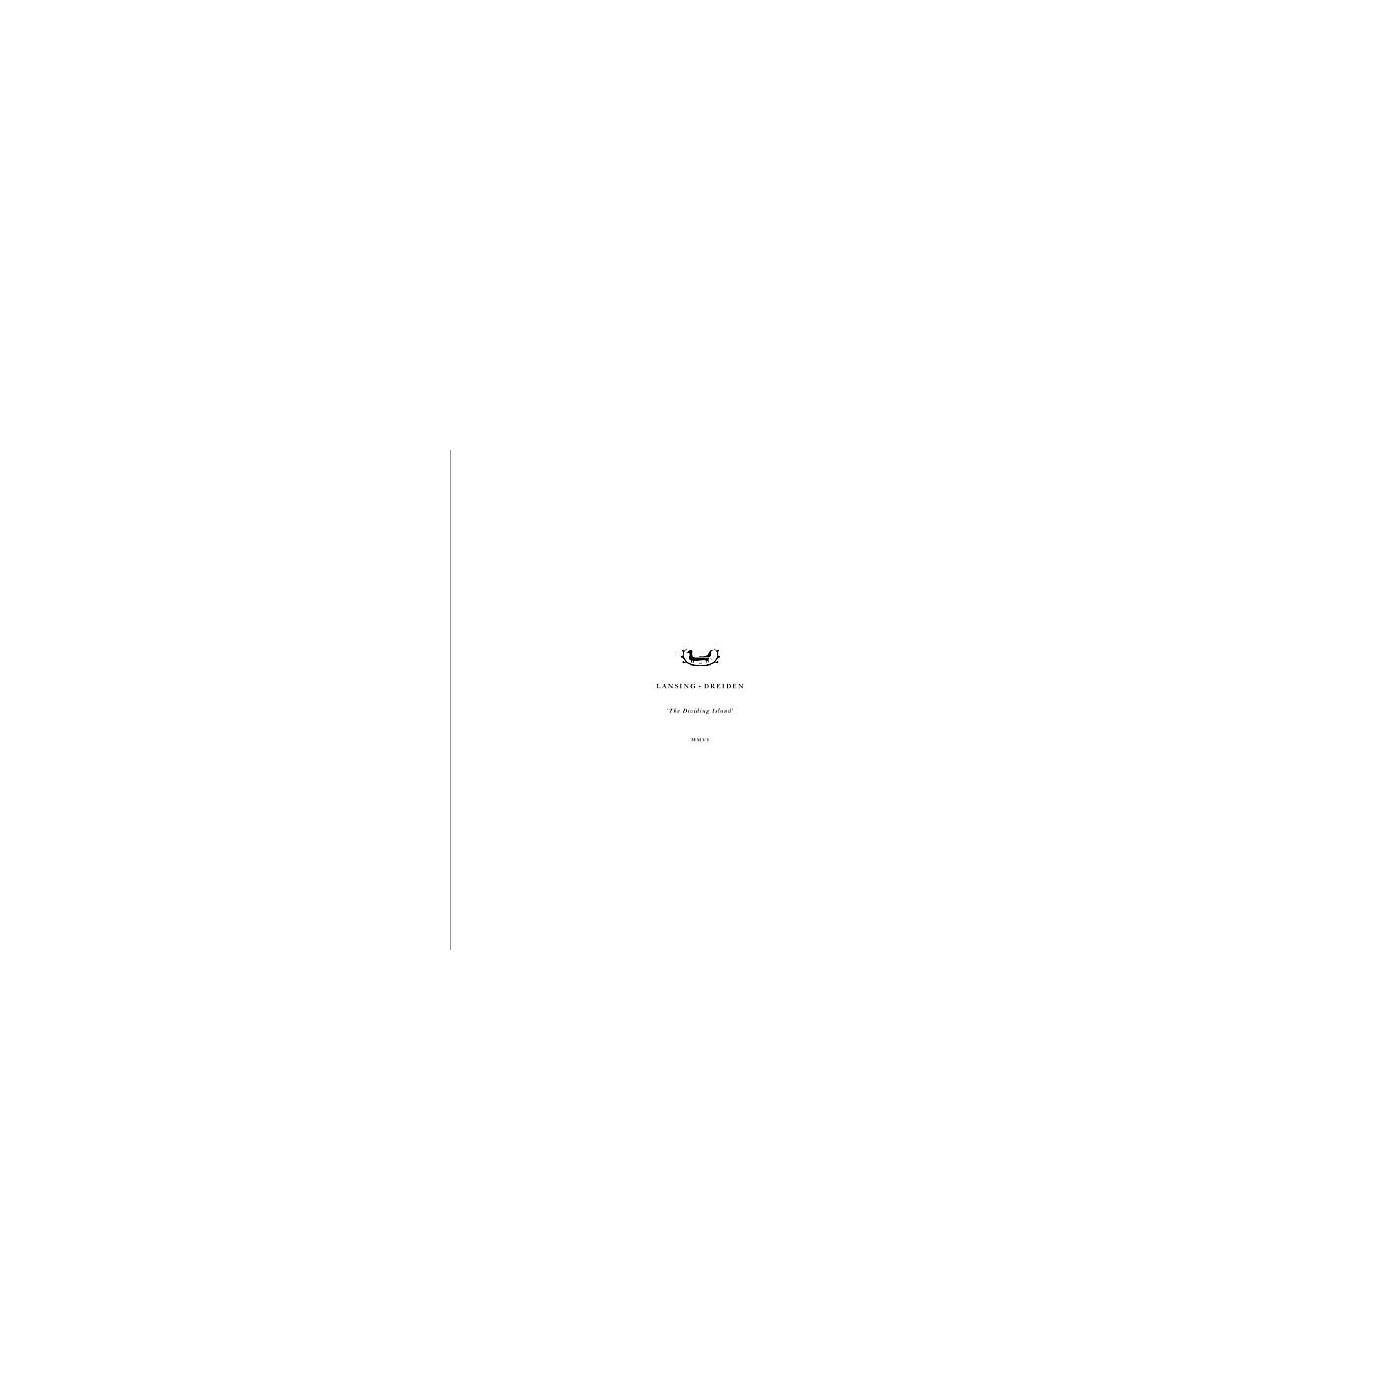 Alliance Lansing-Dreiden - The Dividing Island thumbnail